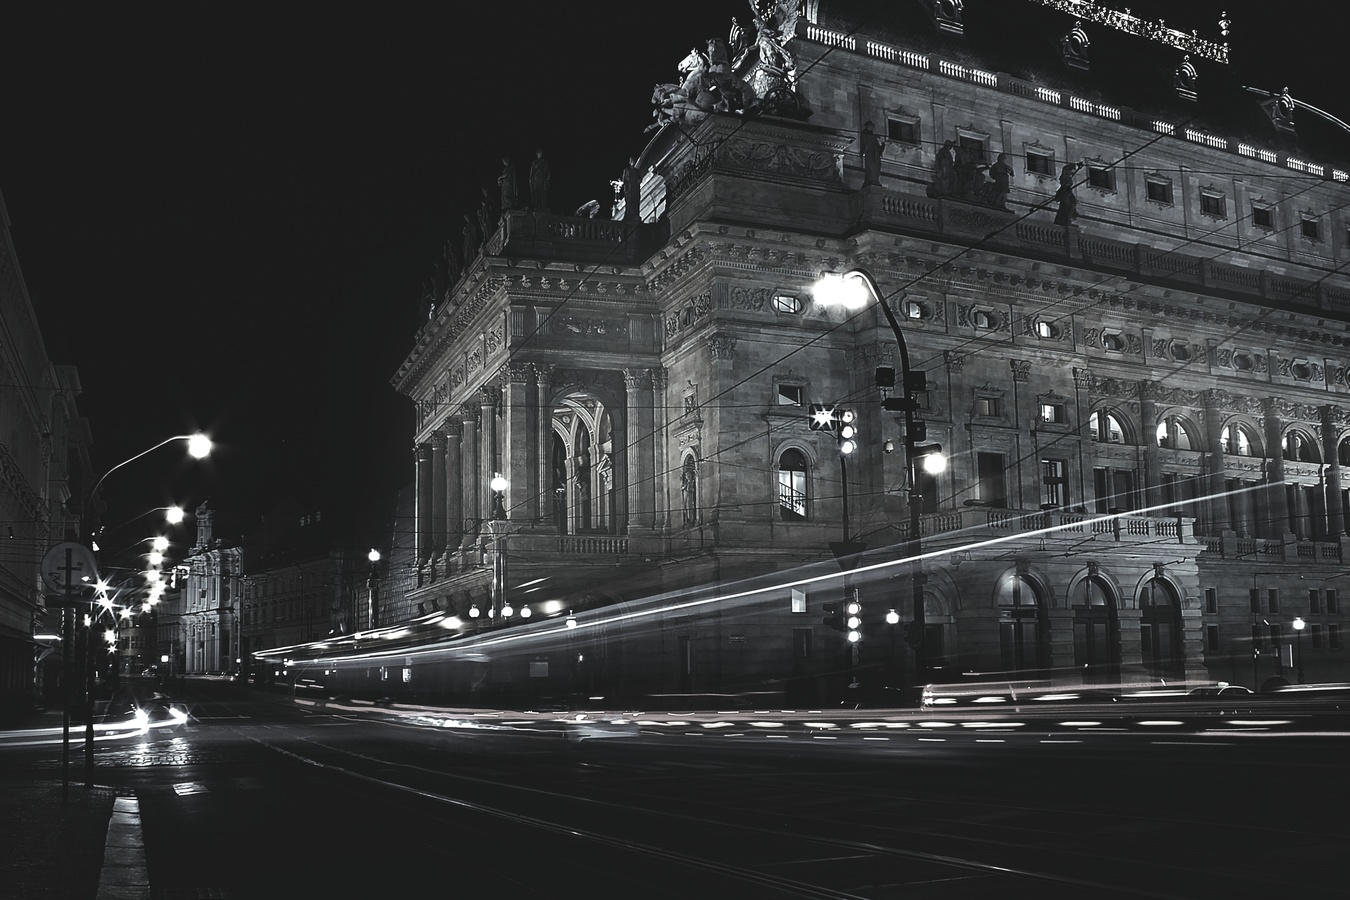 Noc u národního divadla